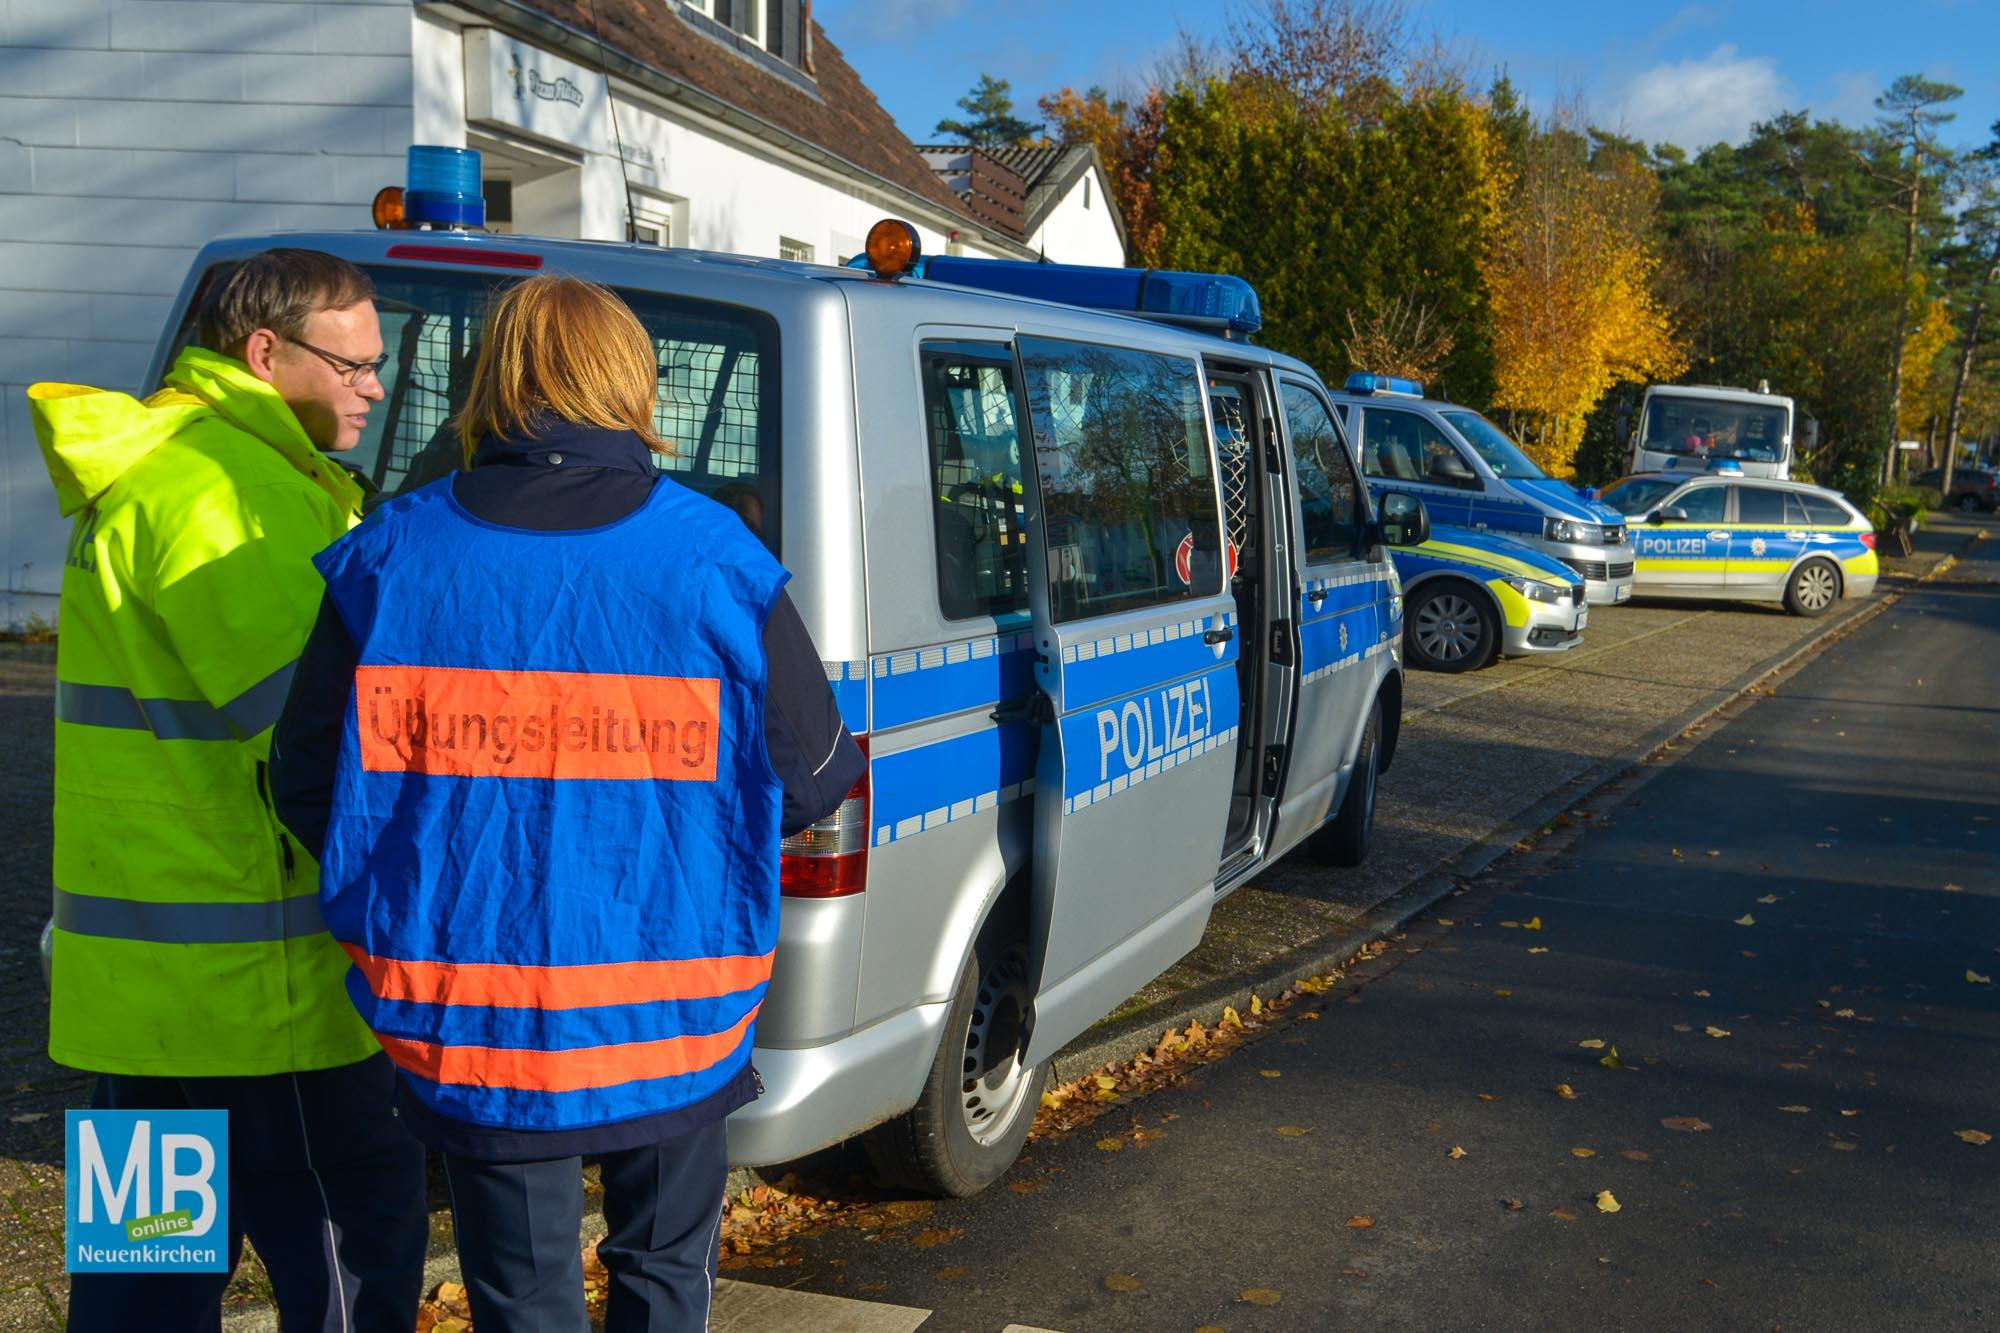 Übung Polizei Präsidium Münster